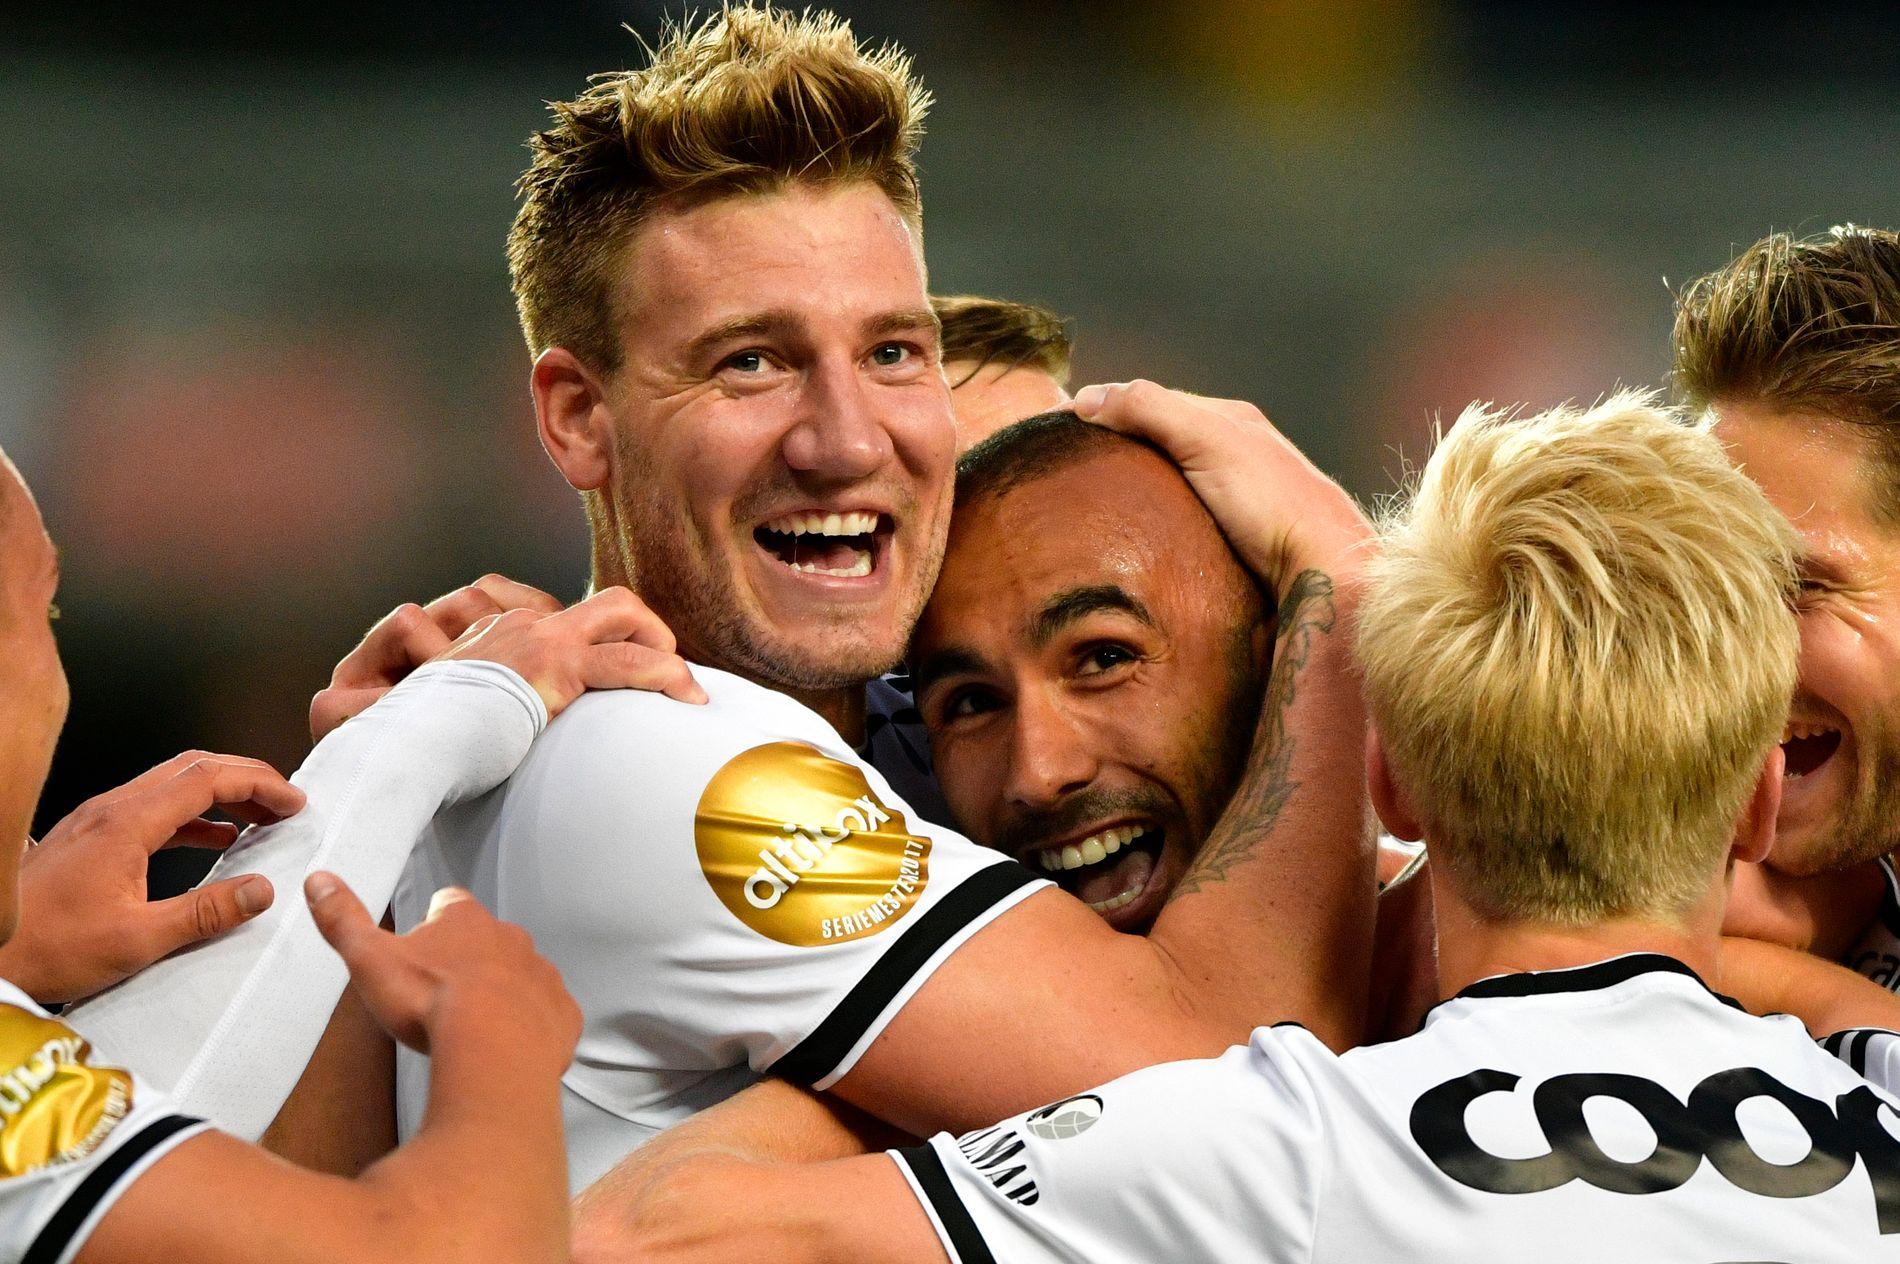 HAR FUNNET TONEN: Både Nicklas Bendtner og Issam Jebali scoret to lekre mål for Rosenborg i 3-1-seieren over makedonske Shkëndija på Lerkendal i går.